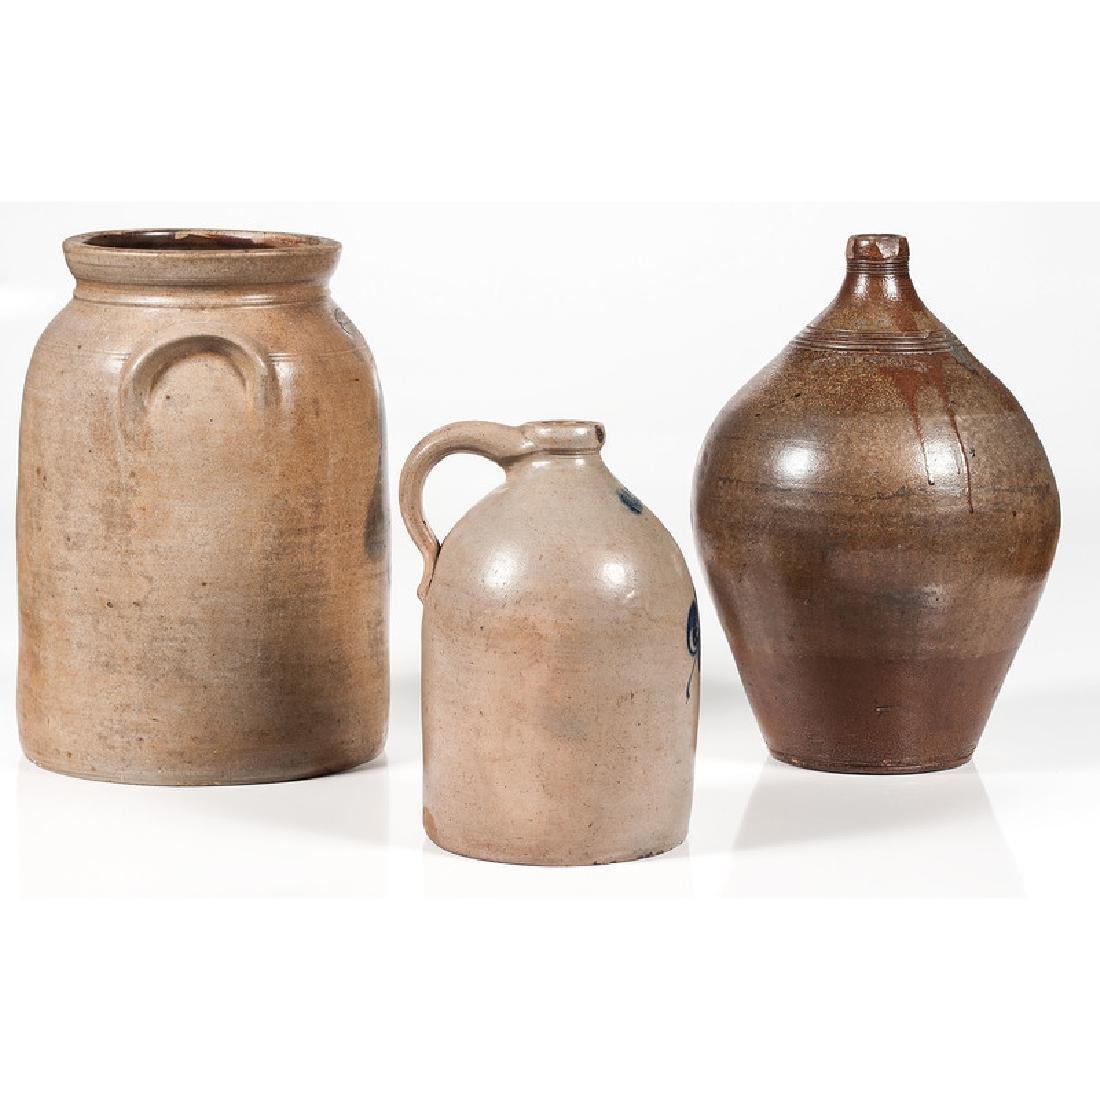 Stoneware Jugs and Crock - 4